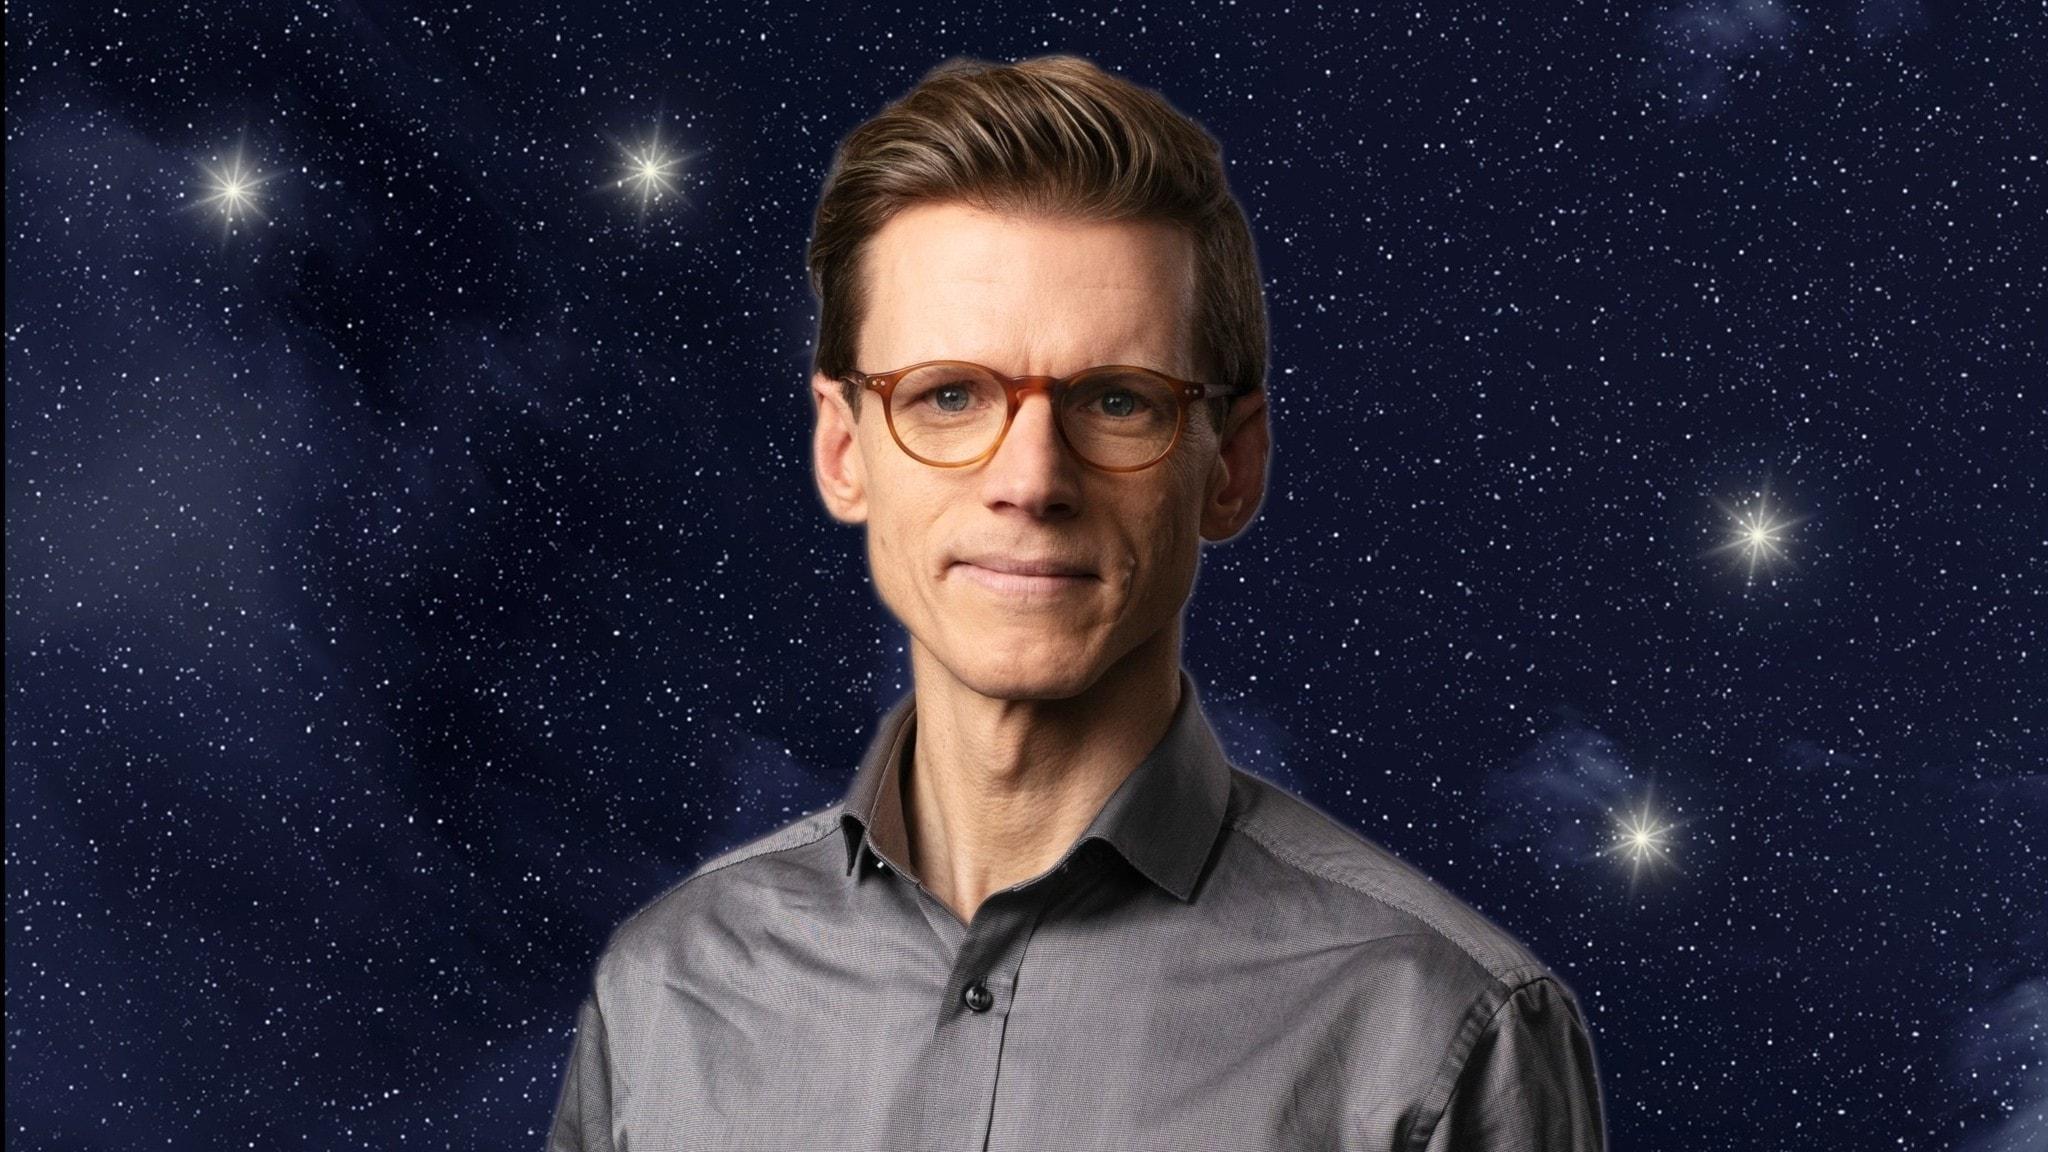 Programledare Johan Signert i grå skjorta och med bruna glasögon mot en stjärnhimmel med stjärnbilden Karlavagnen.